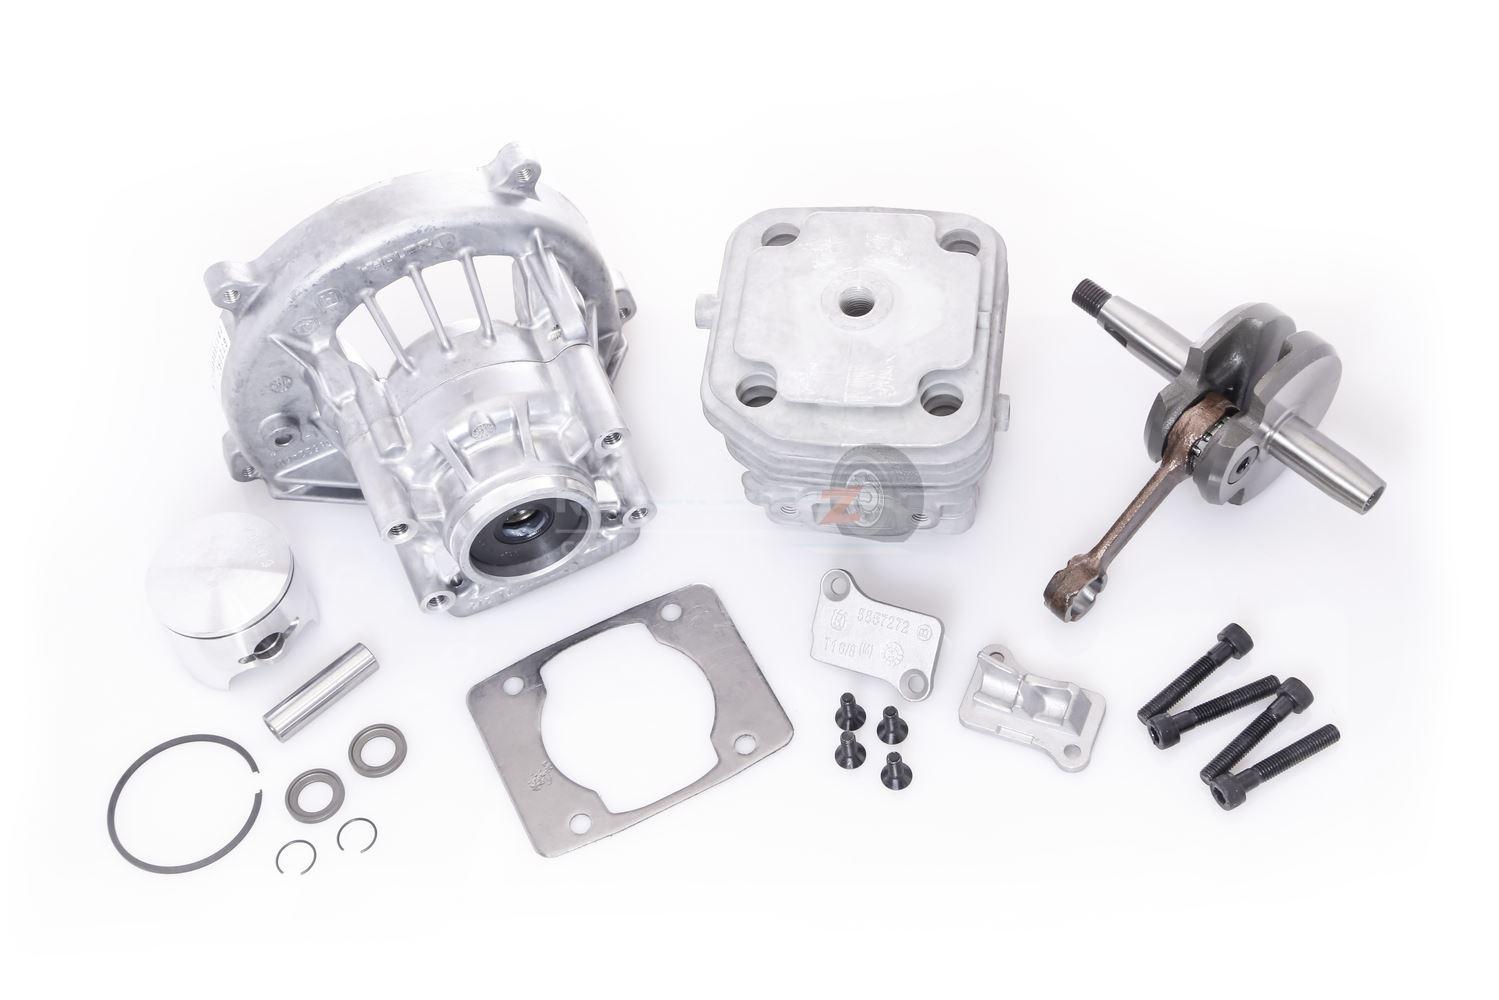 ESP COMPLETO 34.02cc  G340RC  Kit di aggiornamento per G320RC modificati/RACE elaborato